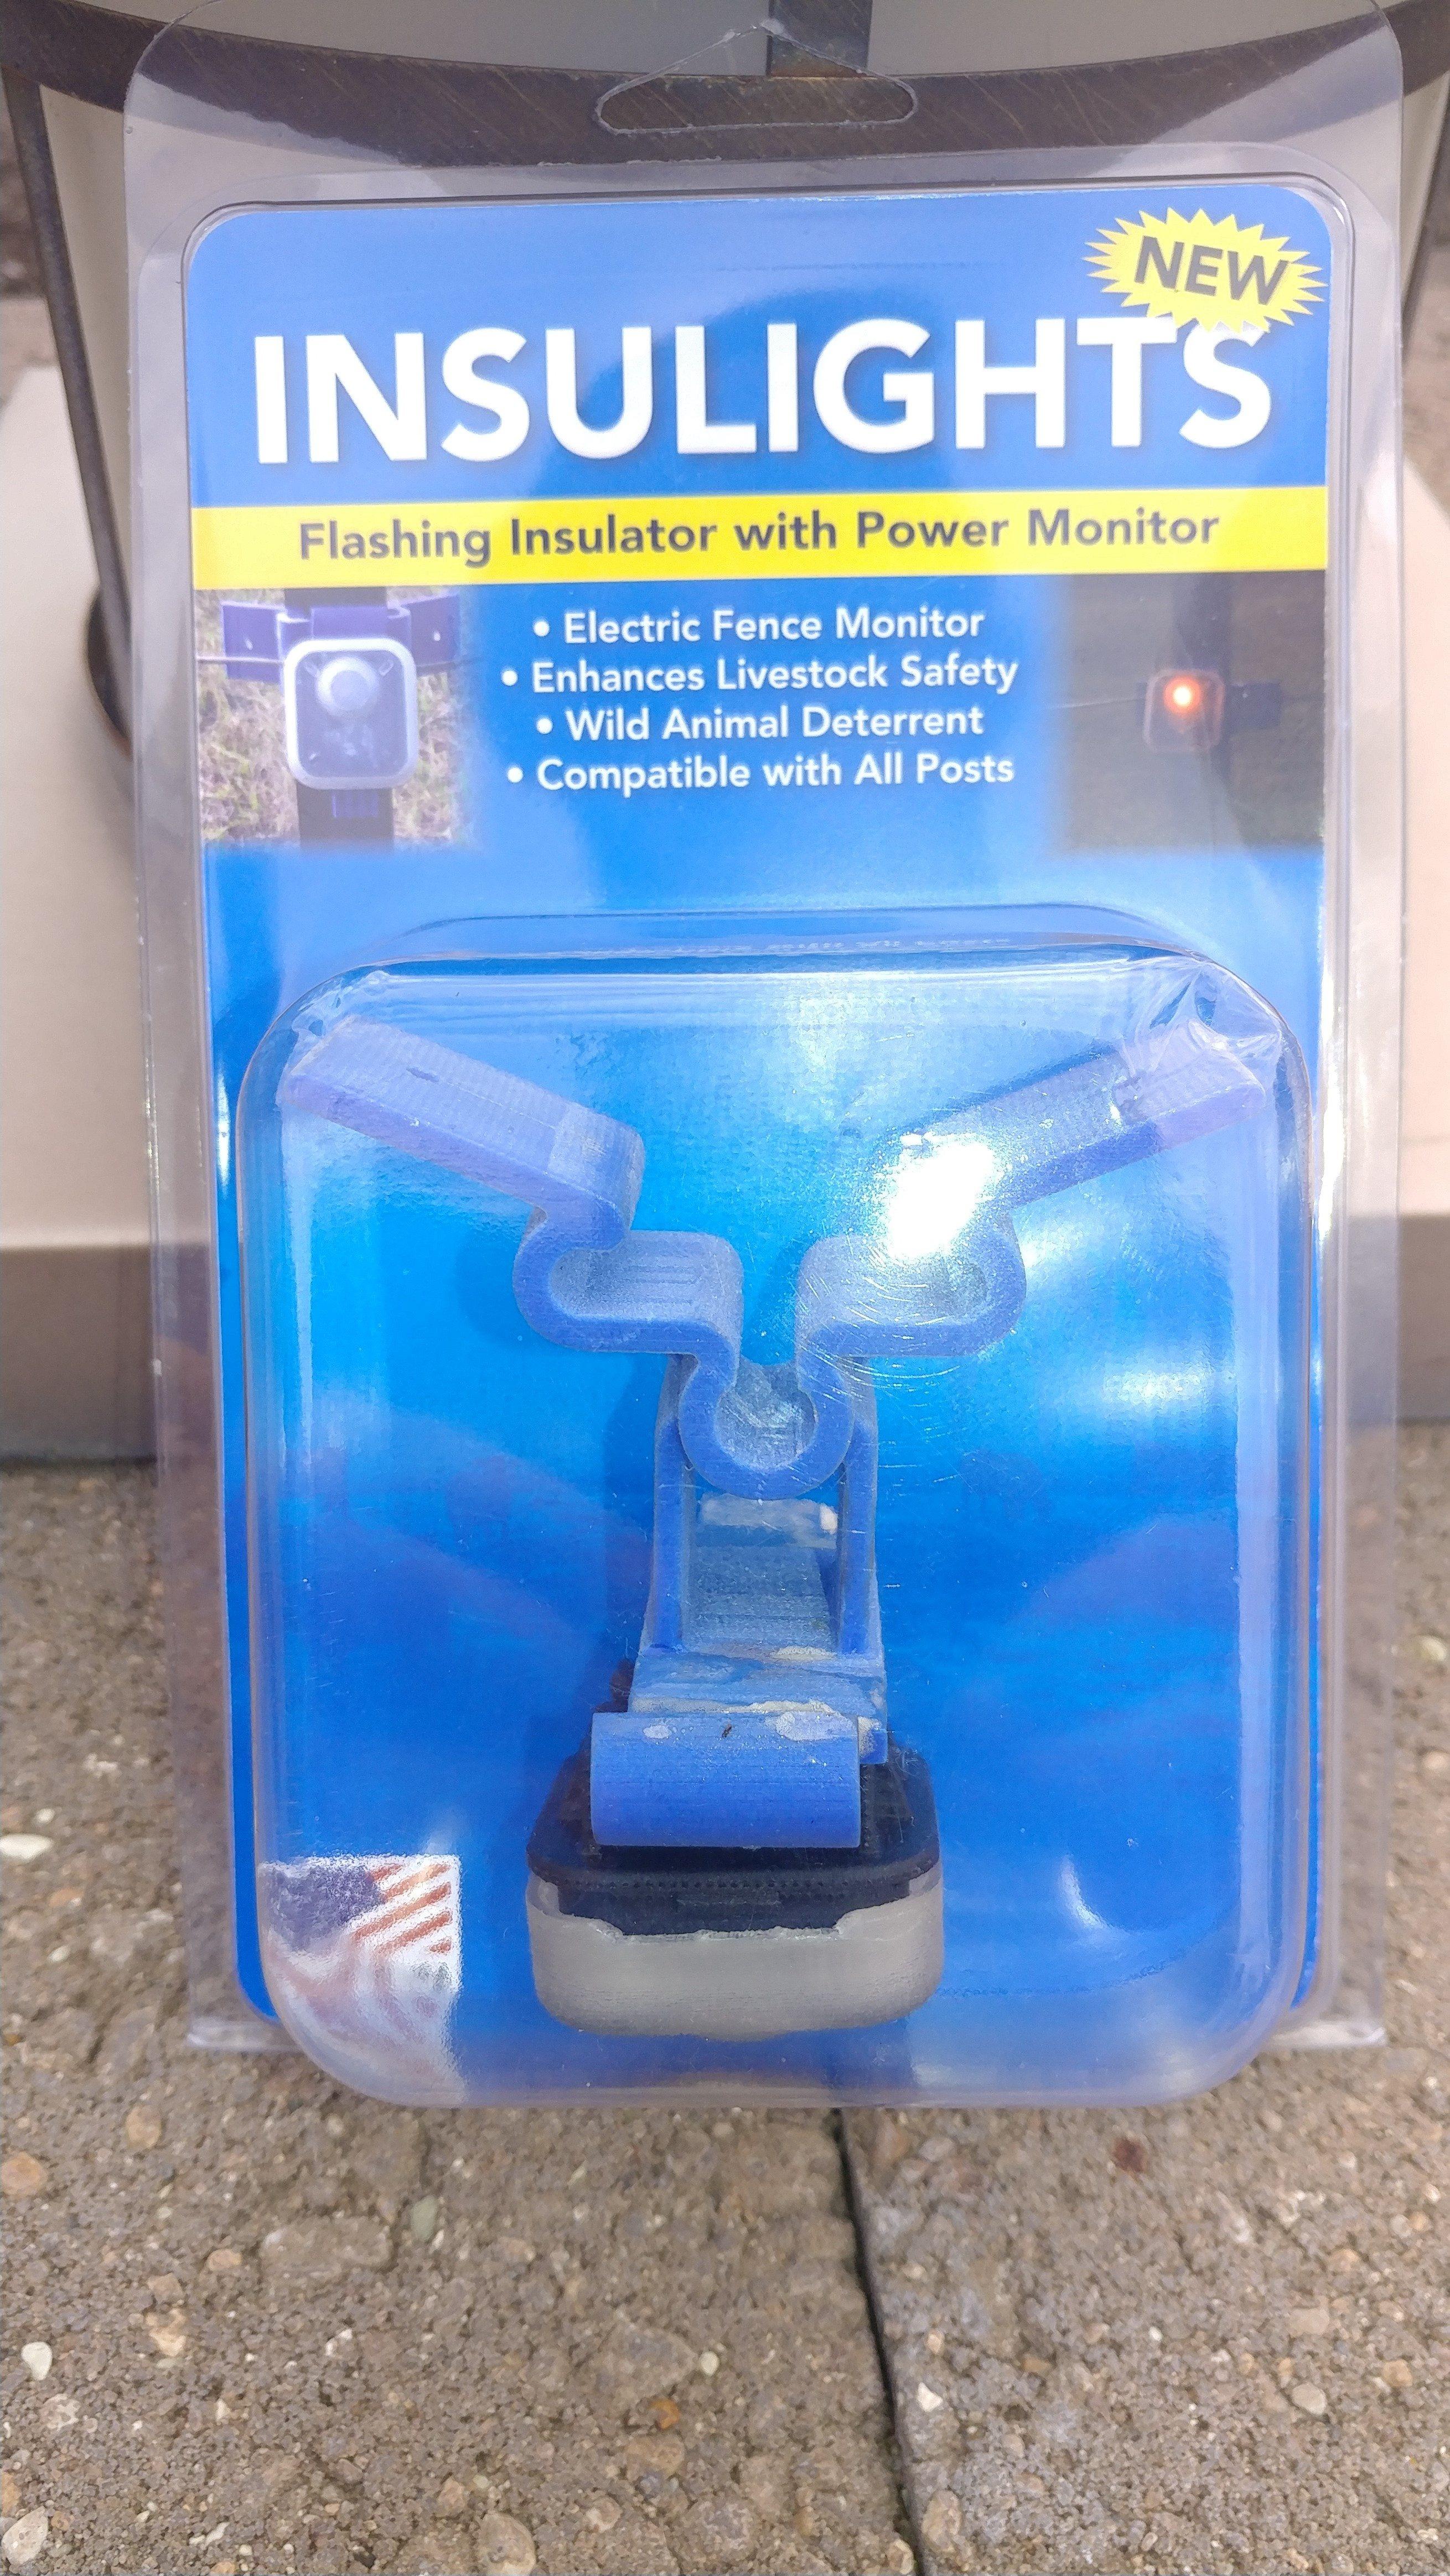 New Flashing Insulator